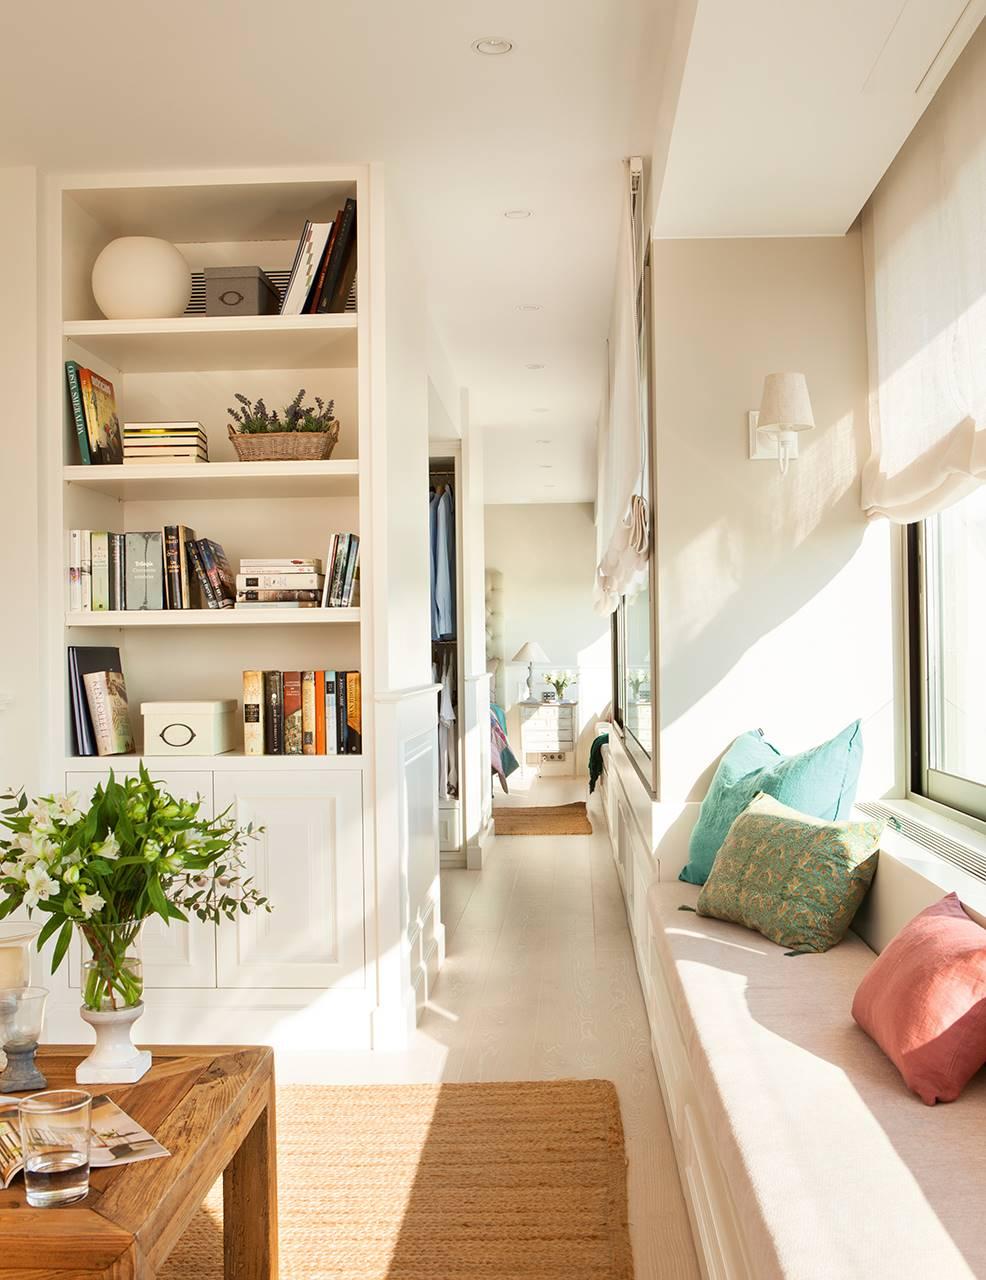 Pasillo que une el salón y el dormitorio con el vestidor en medio. Tonos neutros, cojines de colores, librería, estores y luz natural.. El Feng Shui y la luz natural